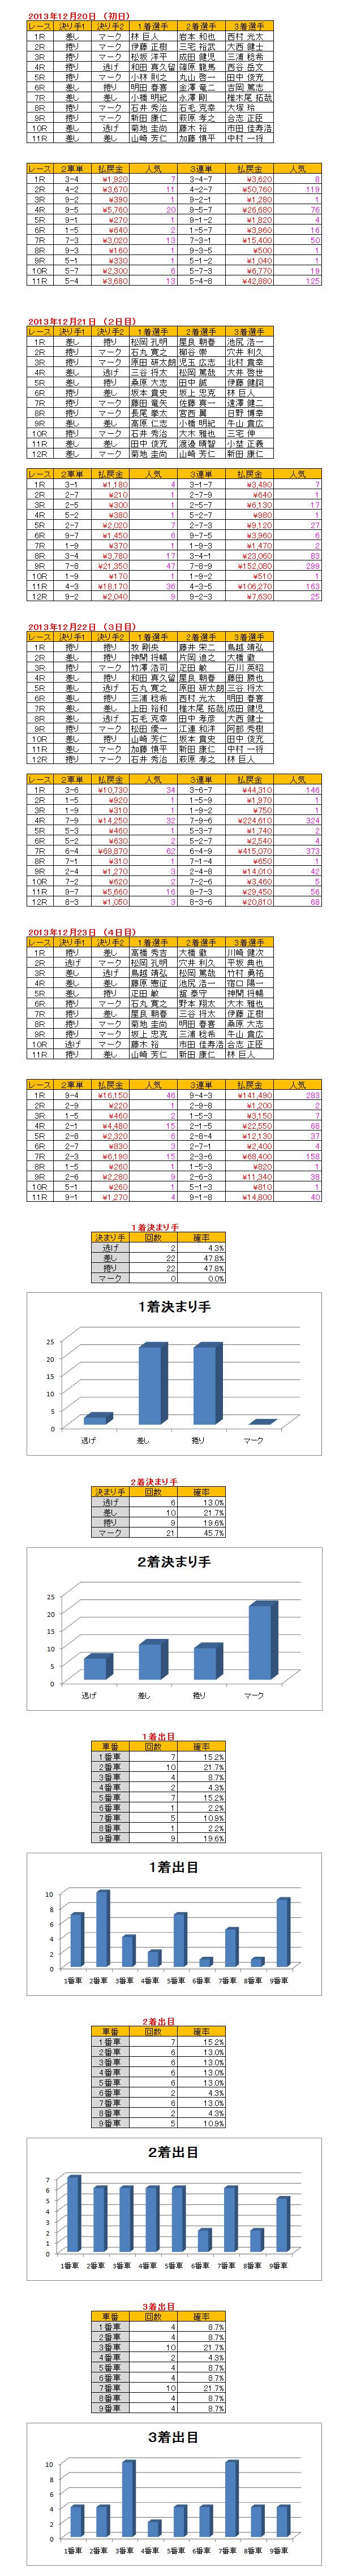 伊東(20131220)